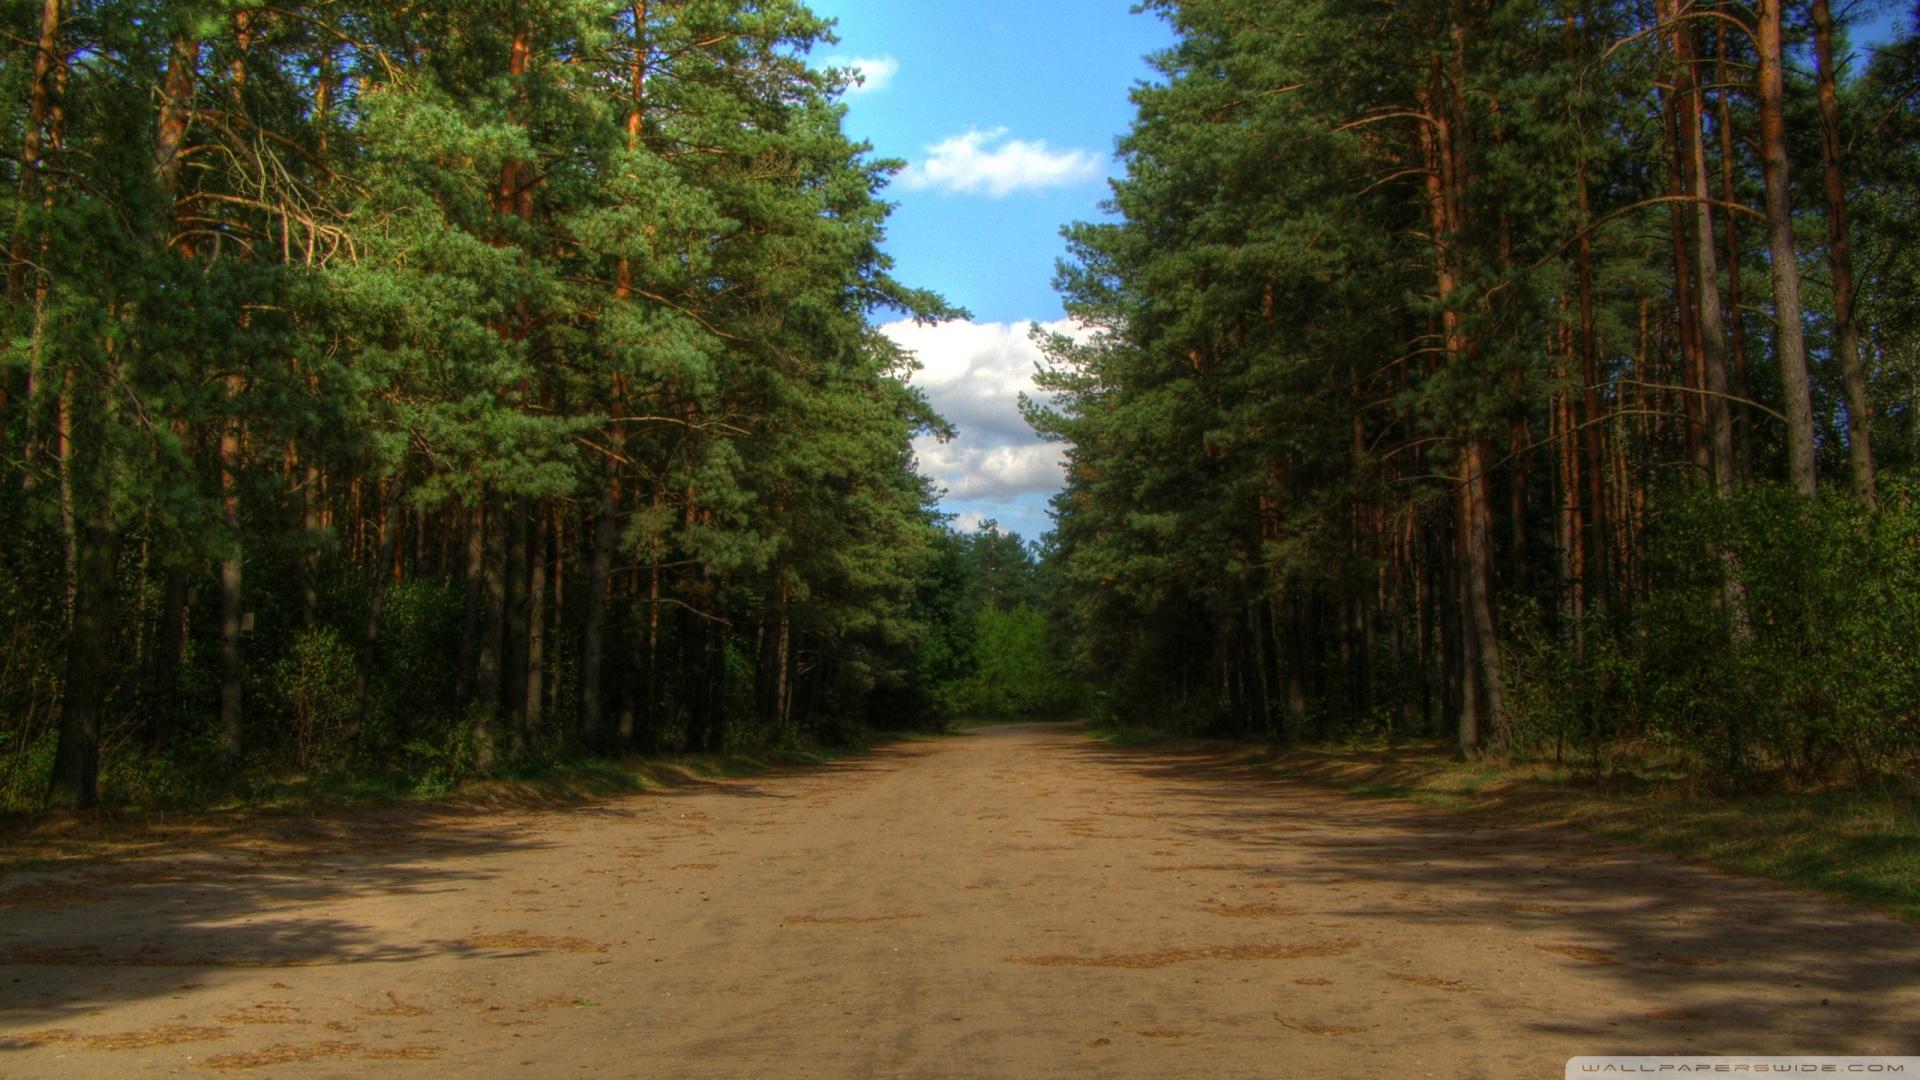 Forest Road 4k Hd Desktop Wallpaper For 4k Ultra Hd Tv